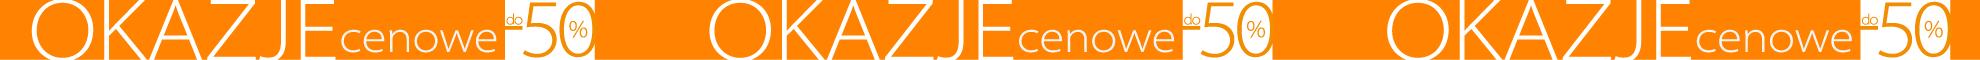 Buty Wojas - sklep internetowy